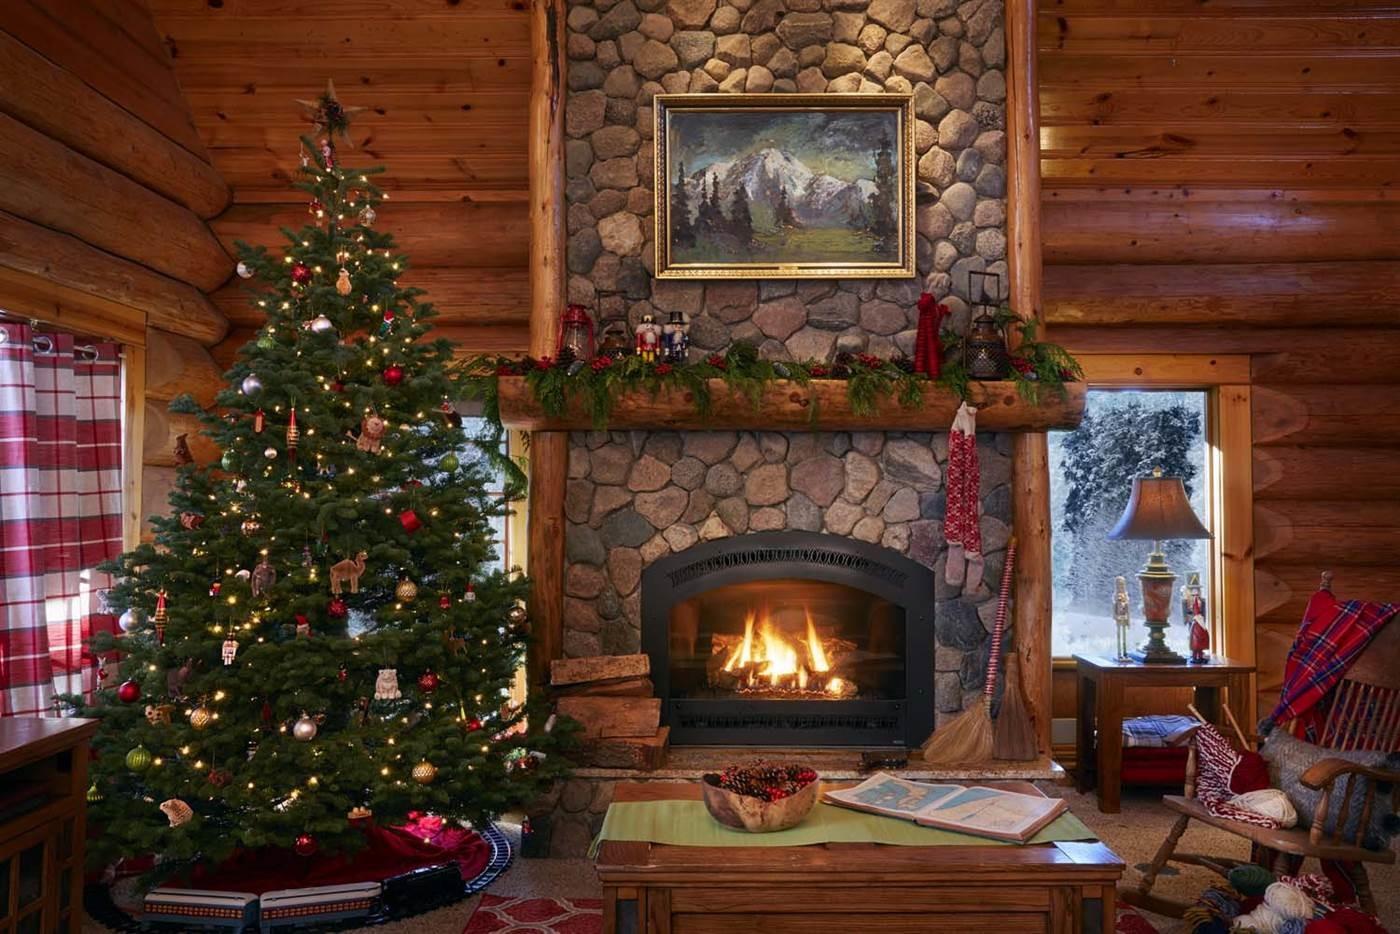 Картинка с камином новый год